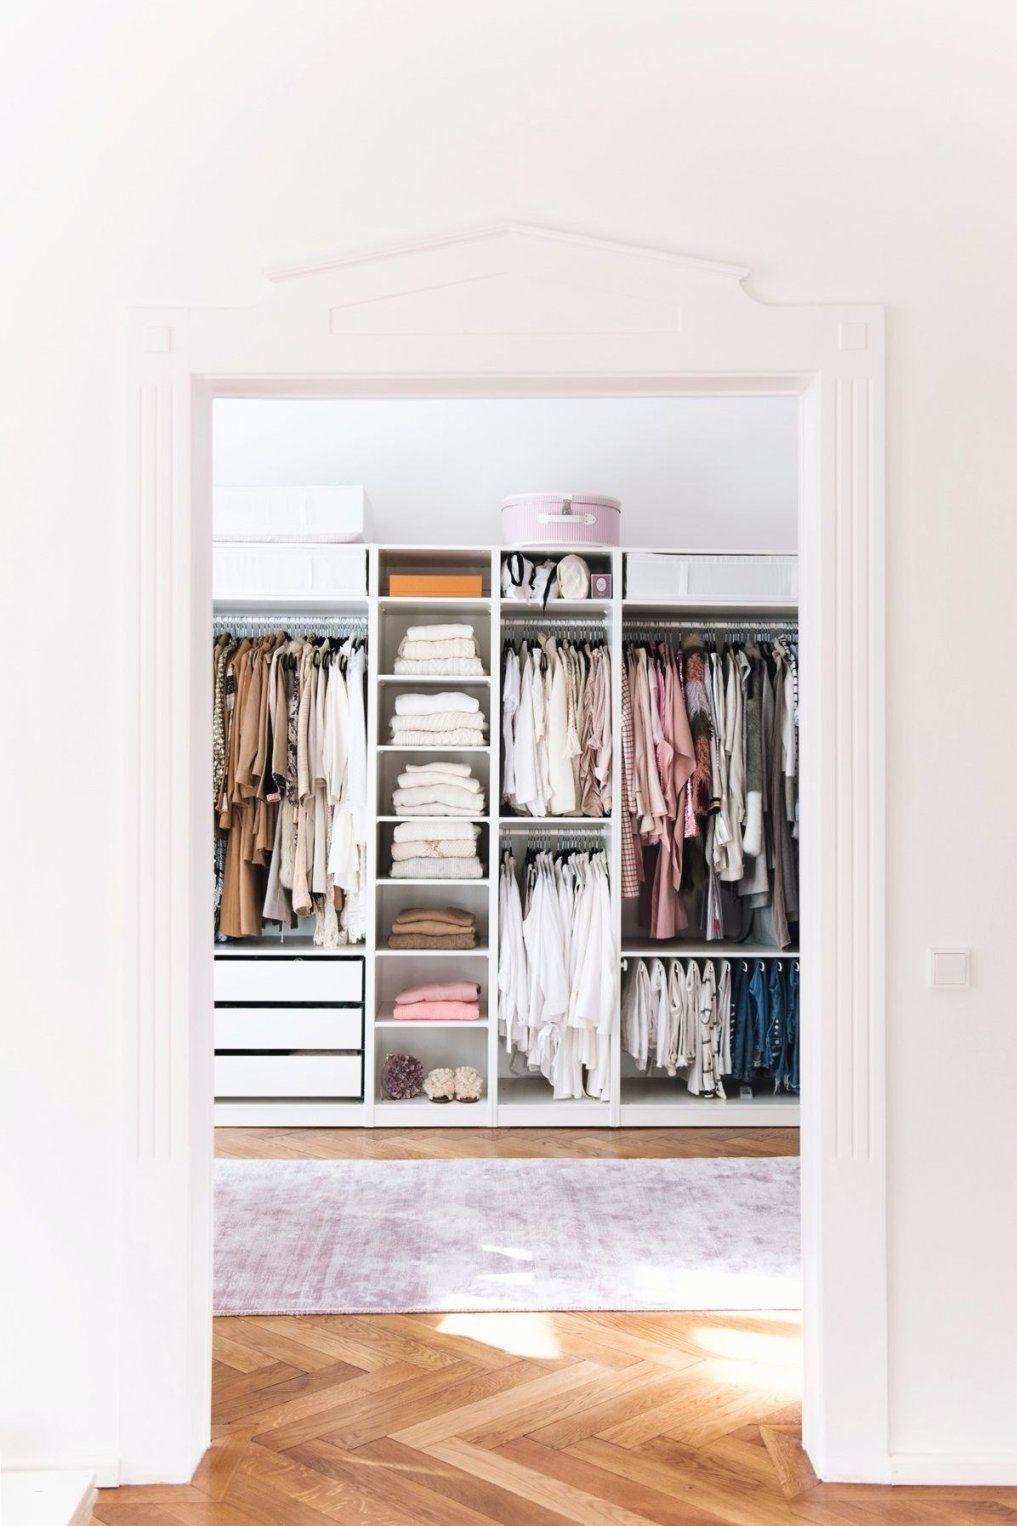 Begehbarer Kleiderschrank Kleines Schlafzimmer Schön Mein Begehbarer von Kleiderschrank Ideen Kleines Zimmer Photo